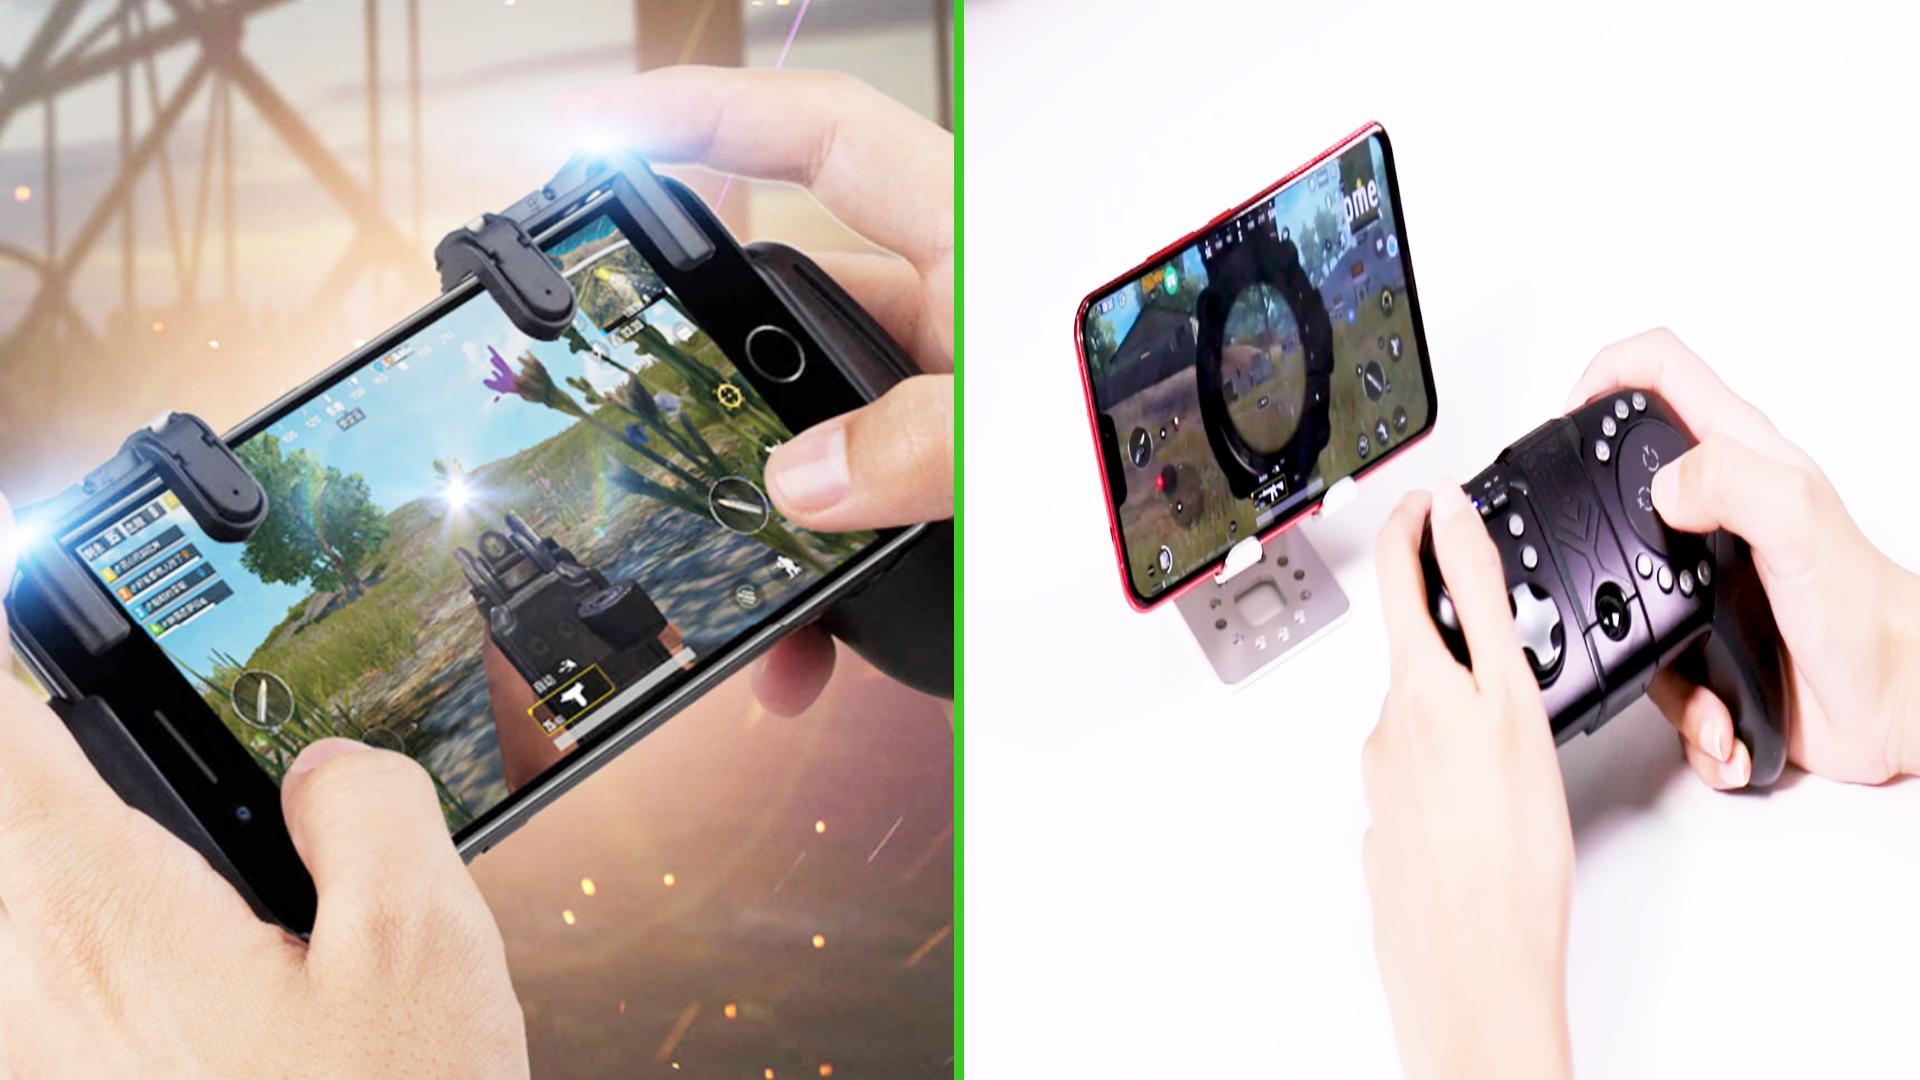 Most popular Pubg mobile gadgets    Amazing Pubg mobile gadget Invention 2020.